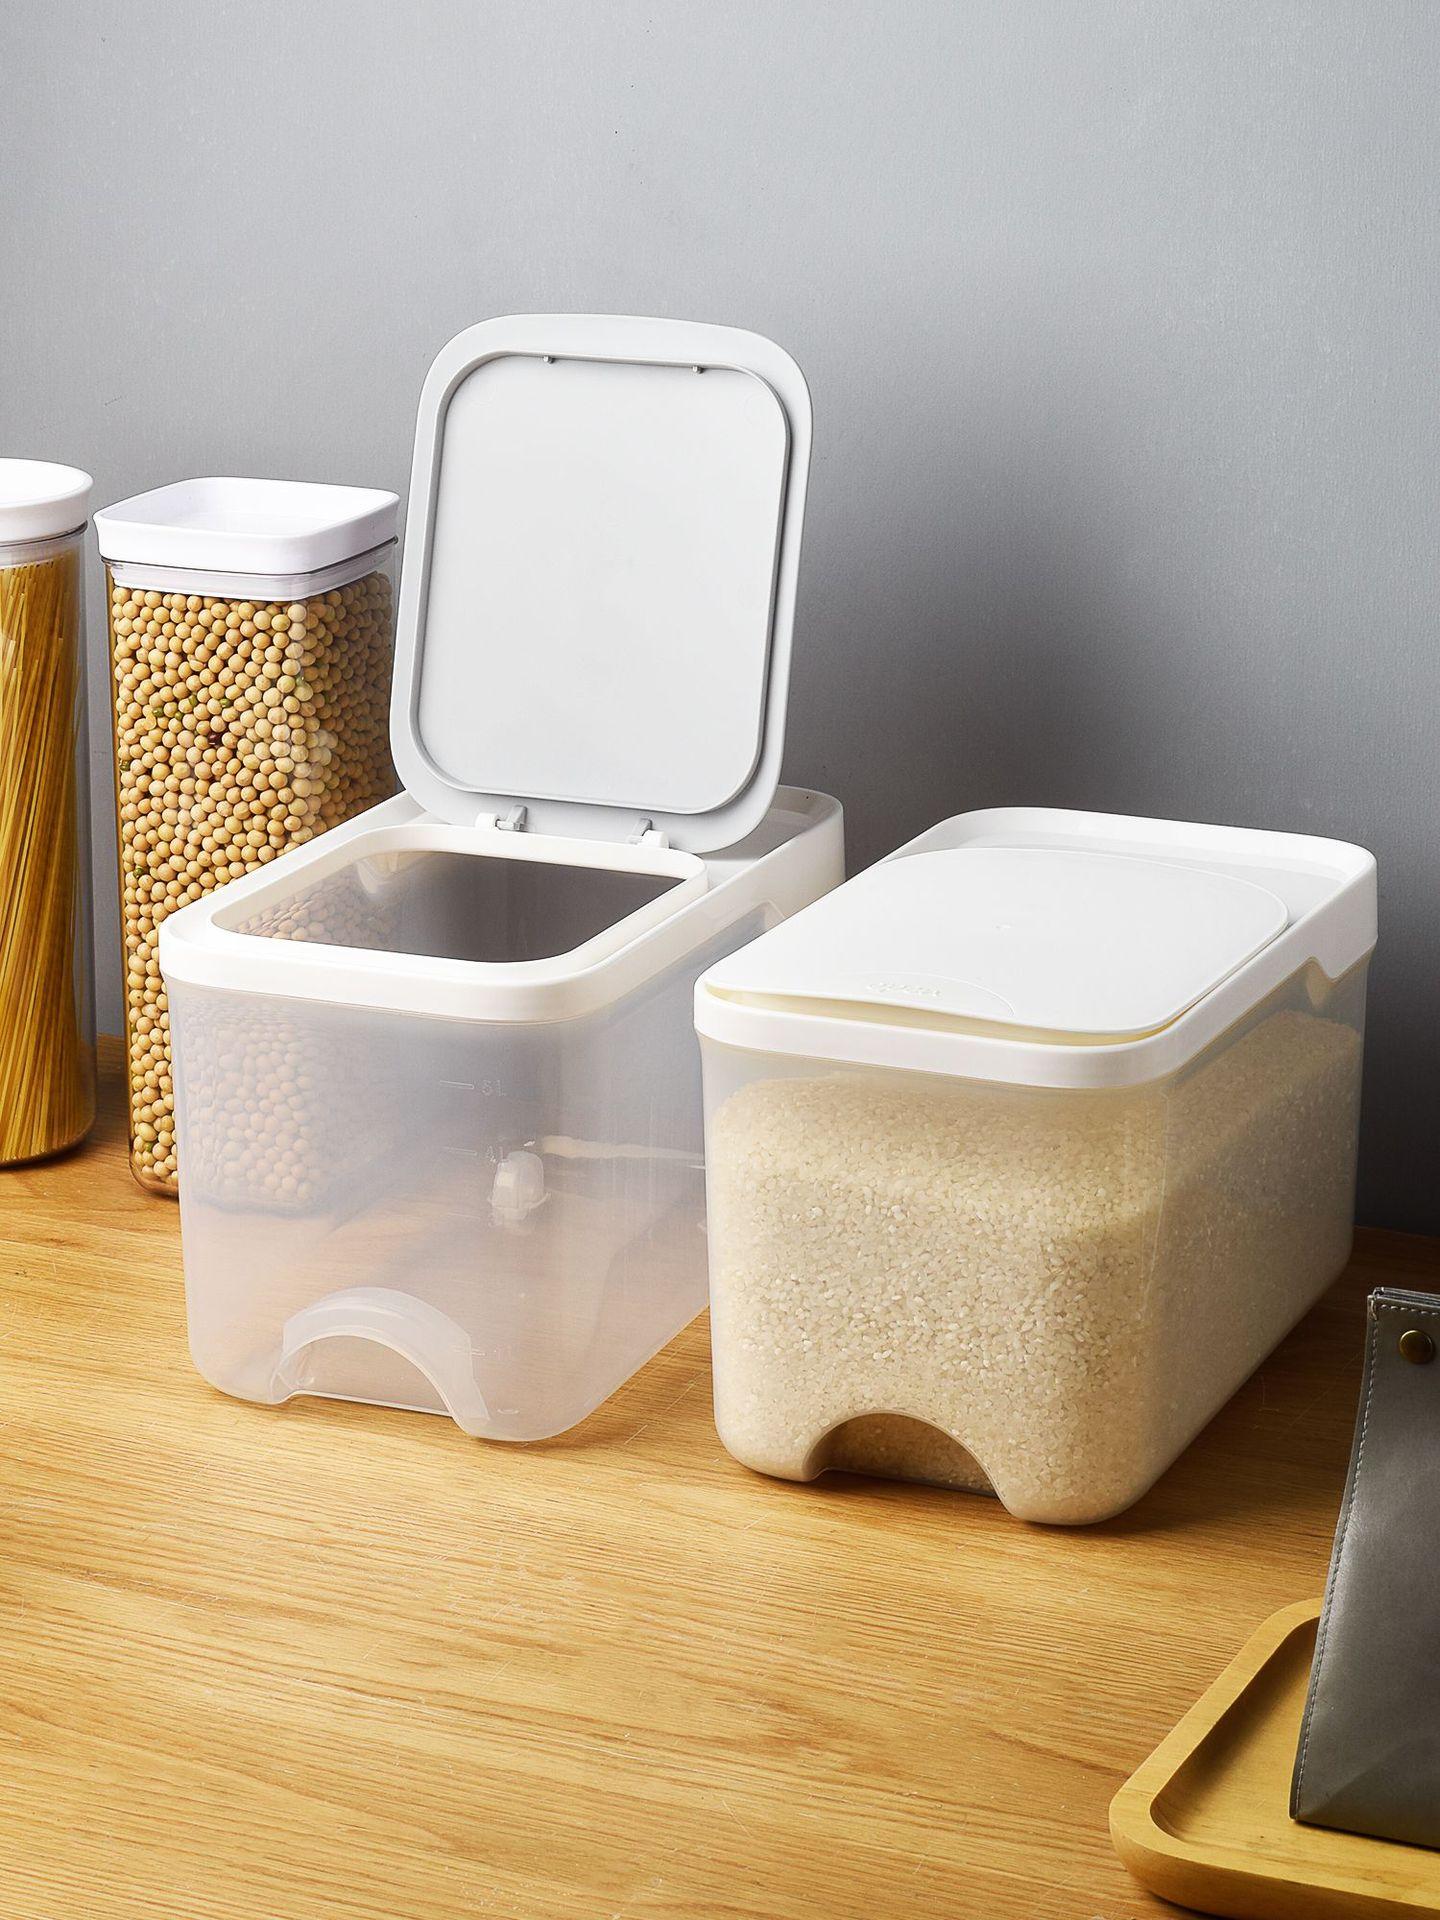 家用米桶創意廚房用品大米面粉收納密封防蟲潮儲米箱米缸米罐